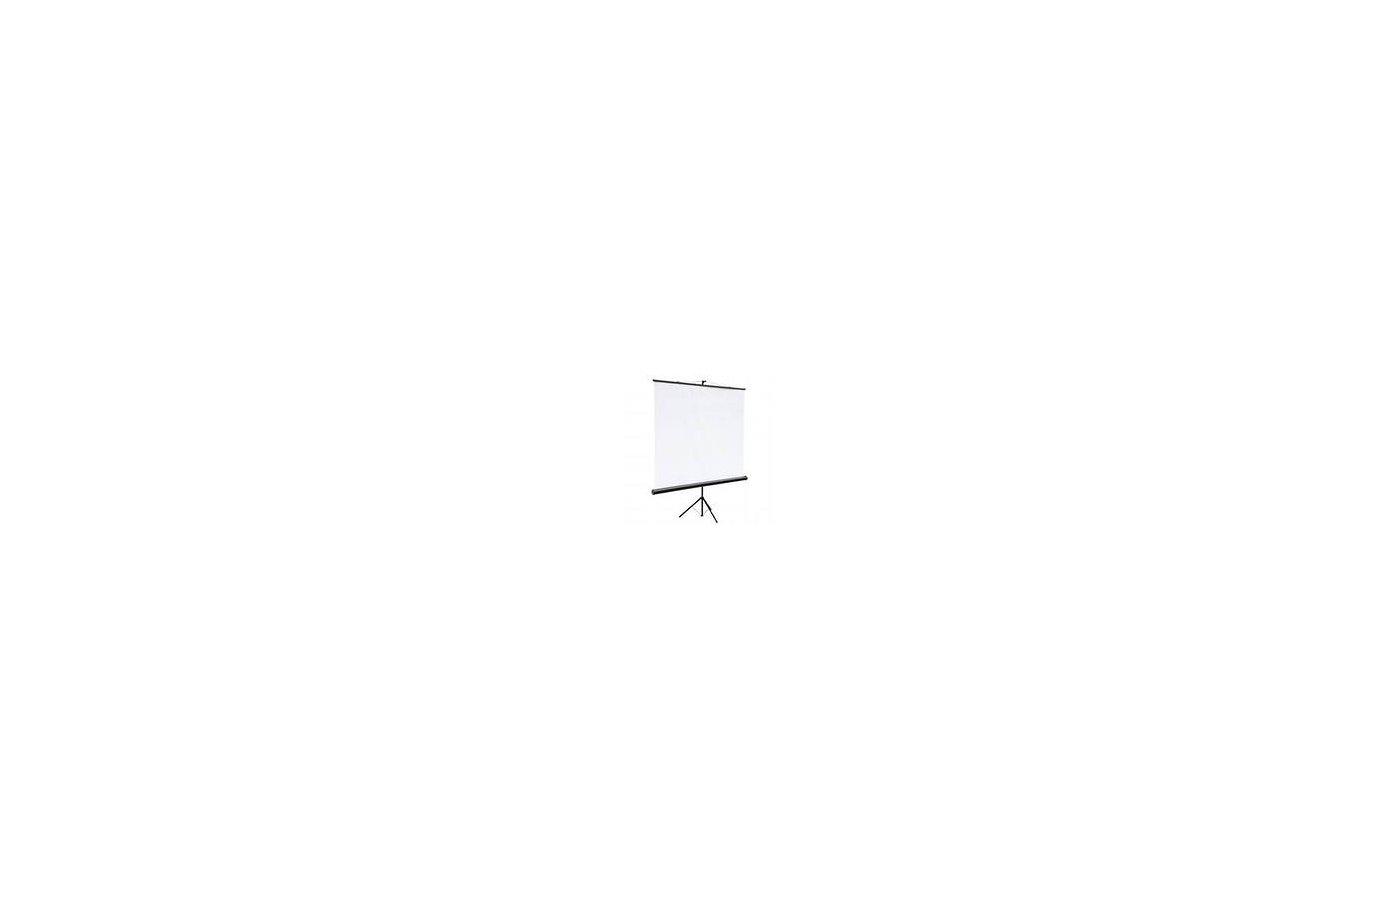 Экран для проектора Digis Kontur-C DSKC-1101 MW 160x160 (1:1) штатив